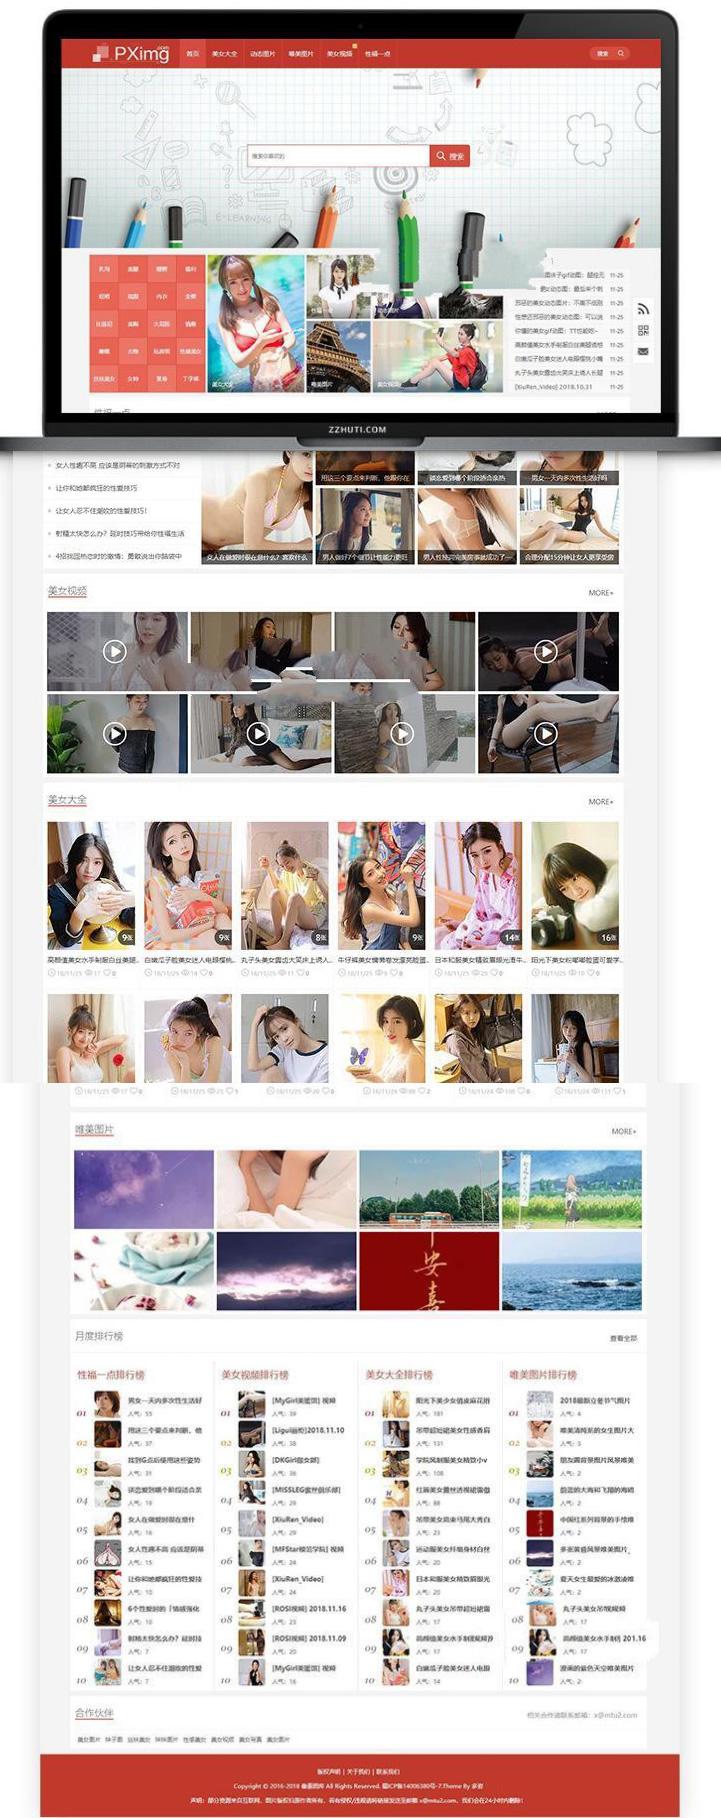 美女私房照图片网站源码 CMS主题最新修复版 WordPress模板插图